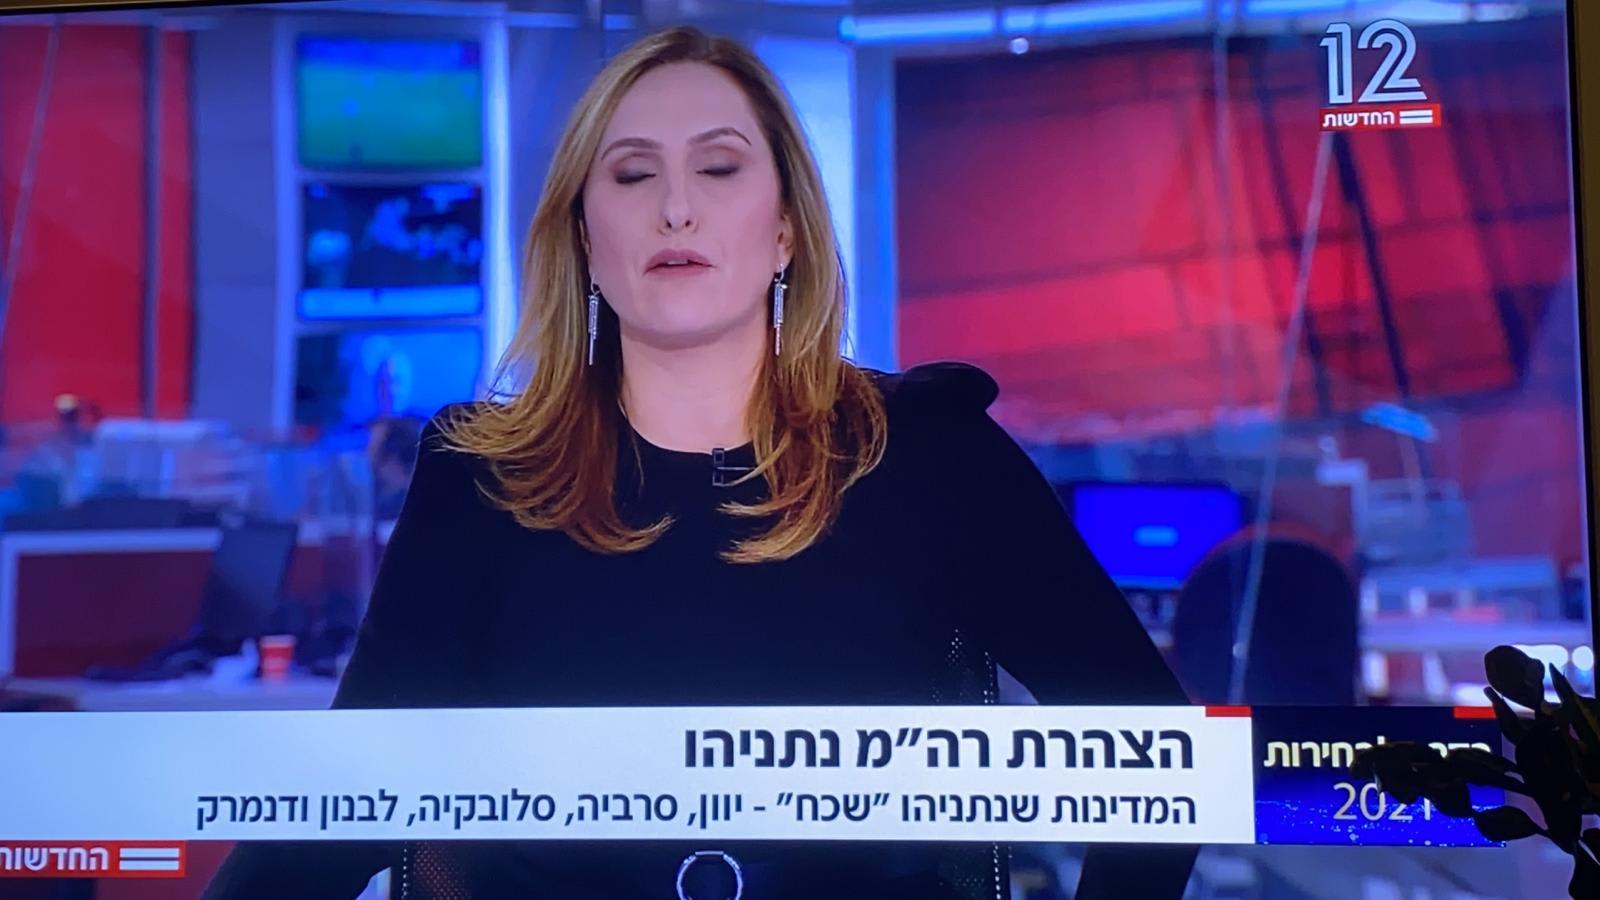 קרן מרציאנו לאחר שידור נאום נתניהו / צילום: צילום מסך - חדשות 12